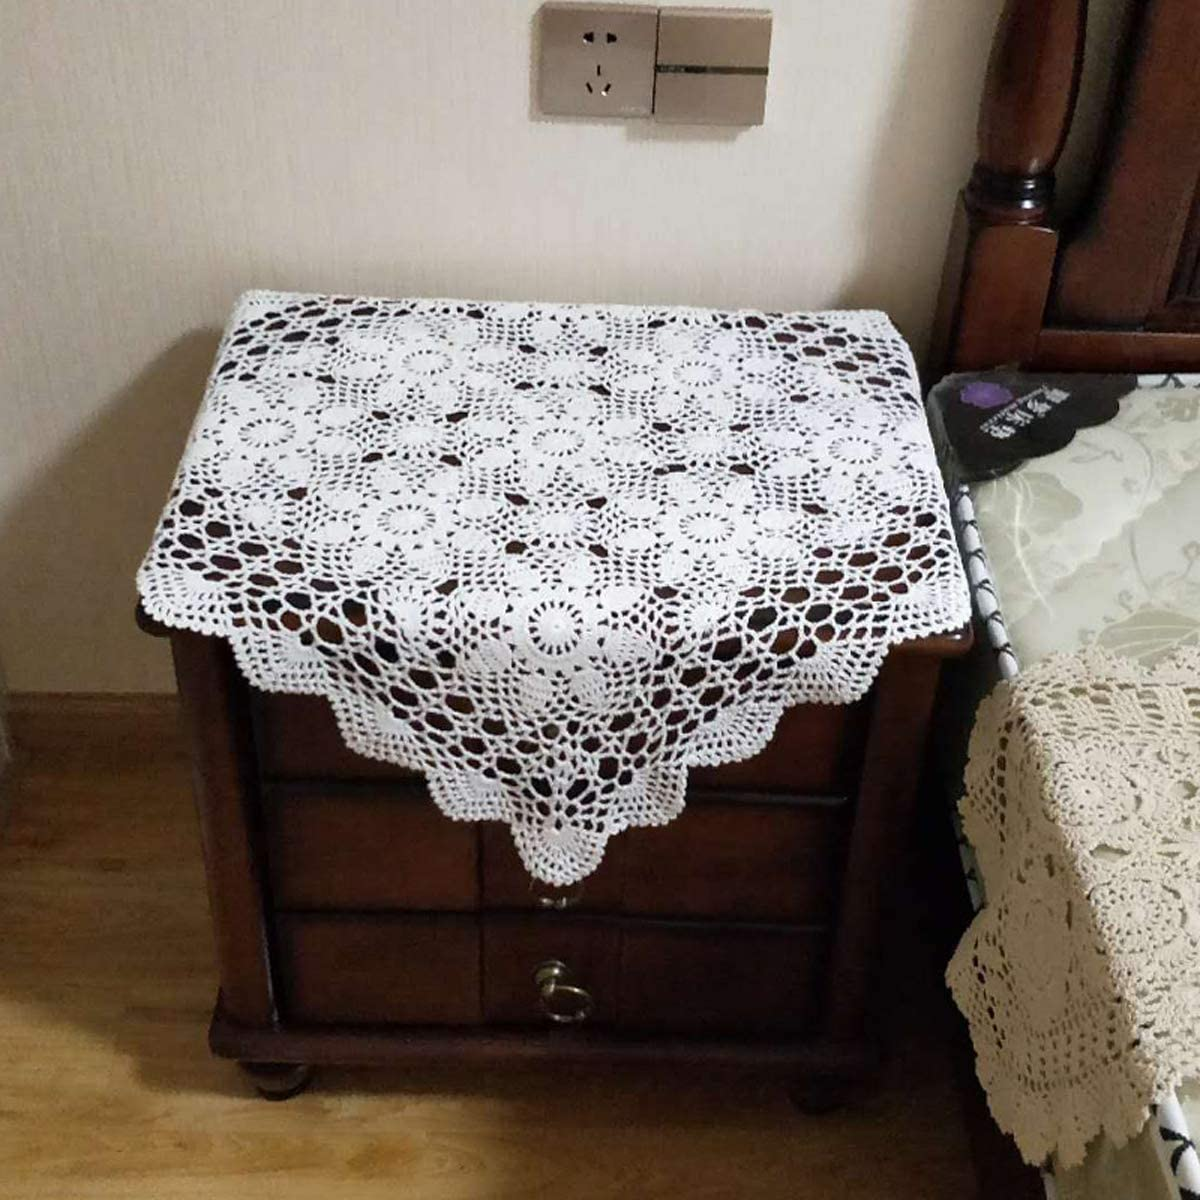 crochet doilies Home decor large doily Handmade tablecloth White crochet doily Crochet doily